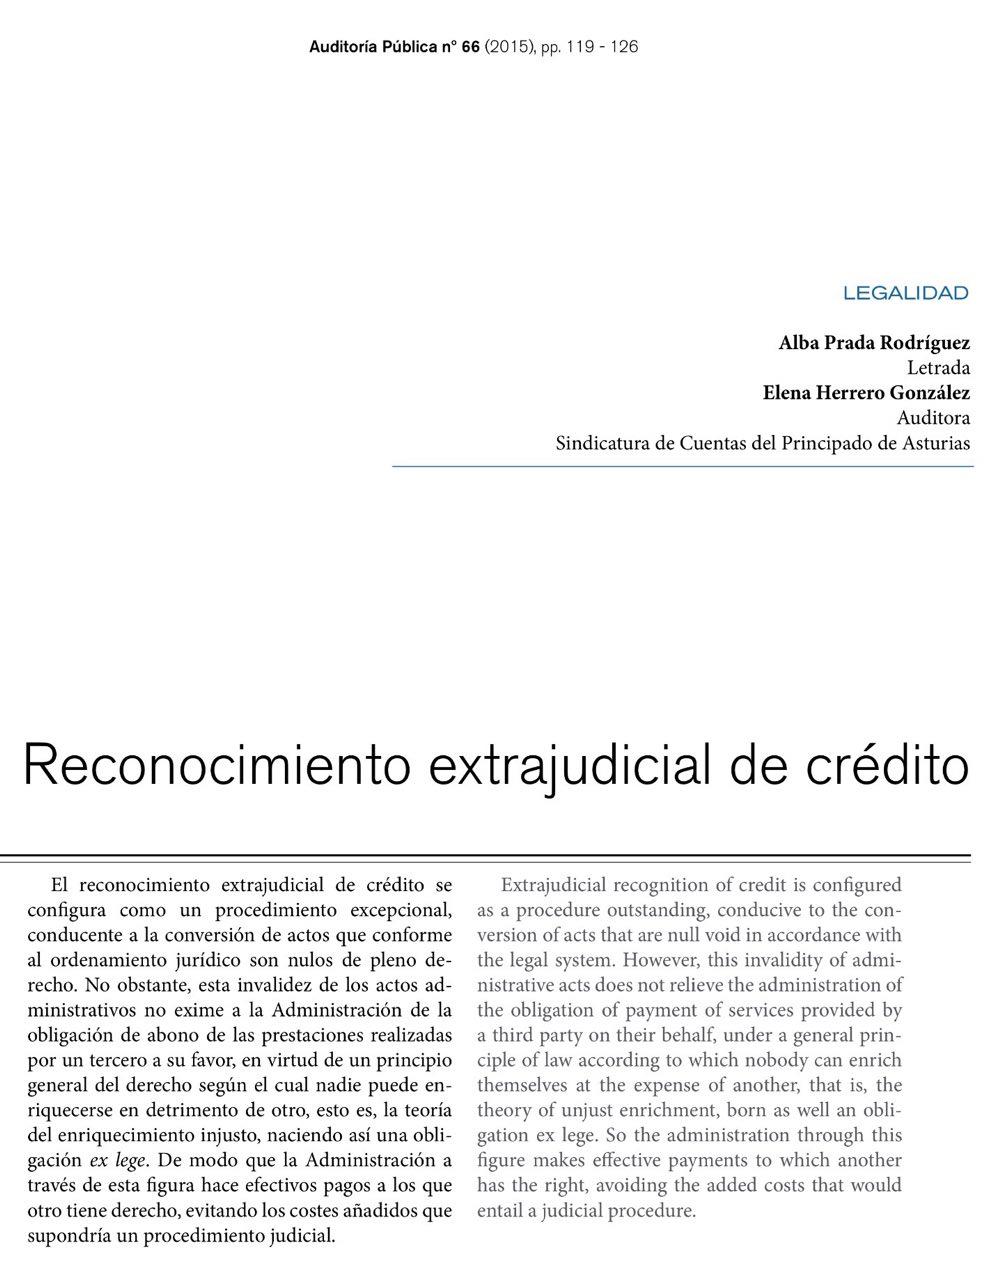 Nulidad judicial del reconocimiento extrajudicial de for Modelo acuerdo extrajudicial clausula suelo